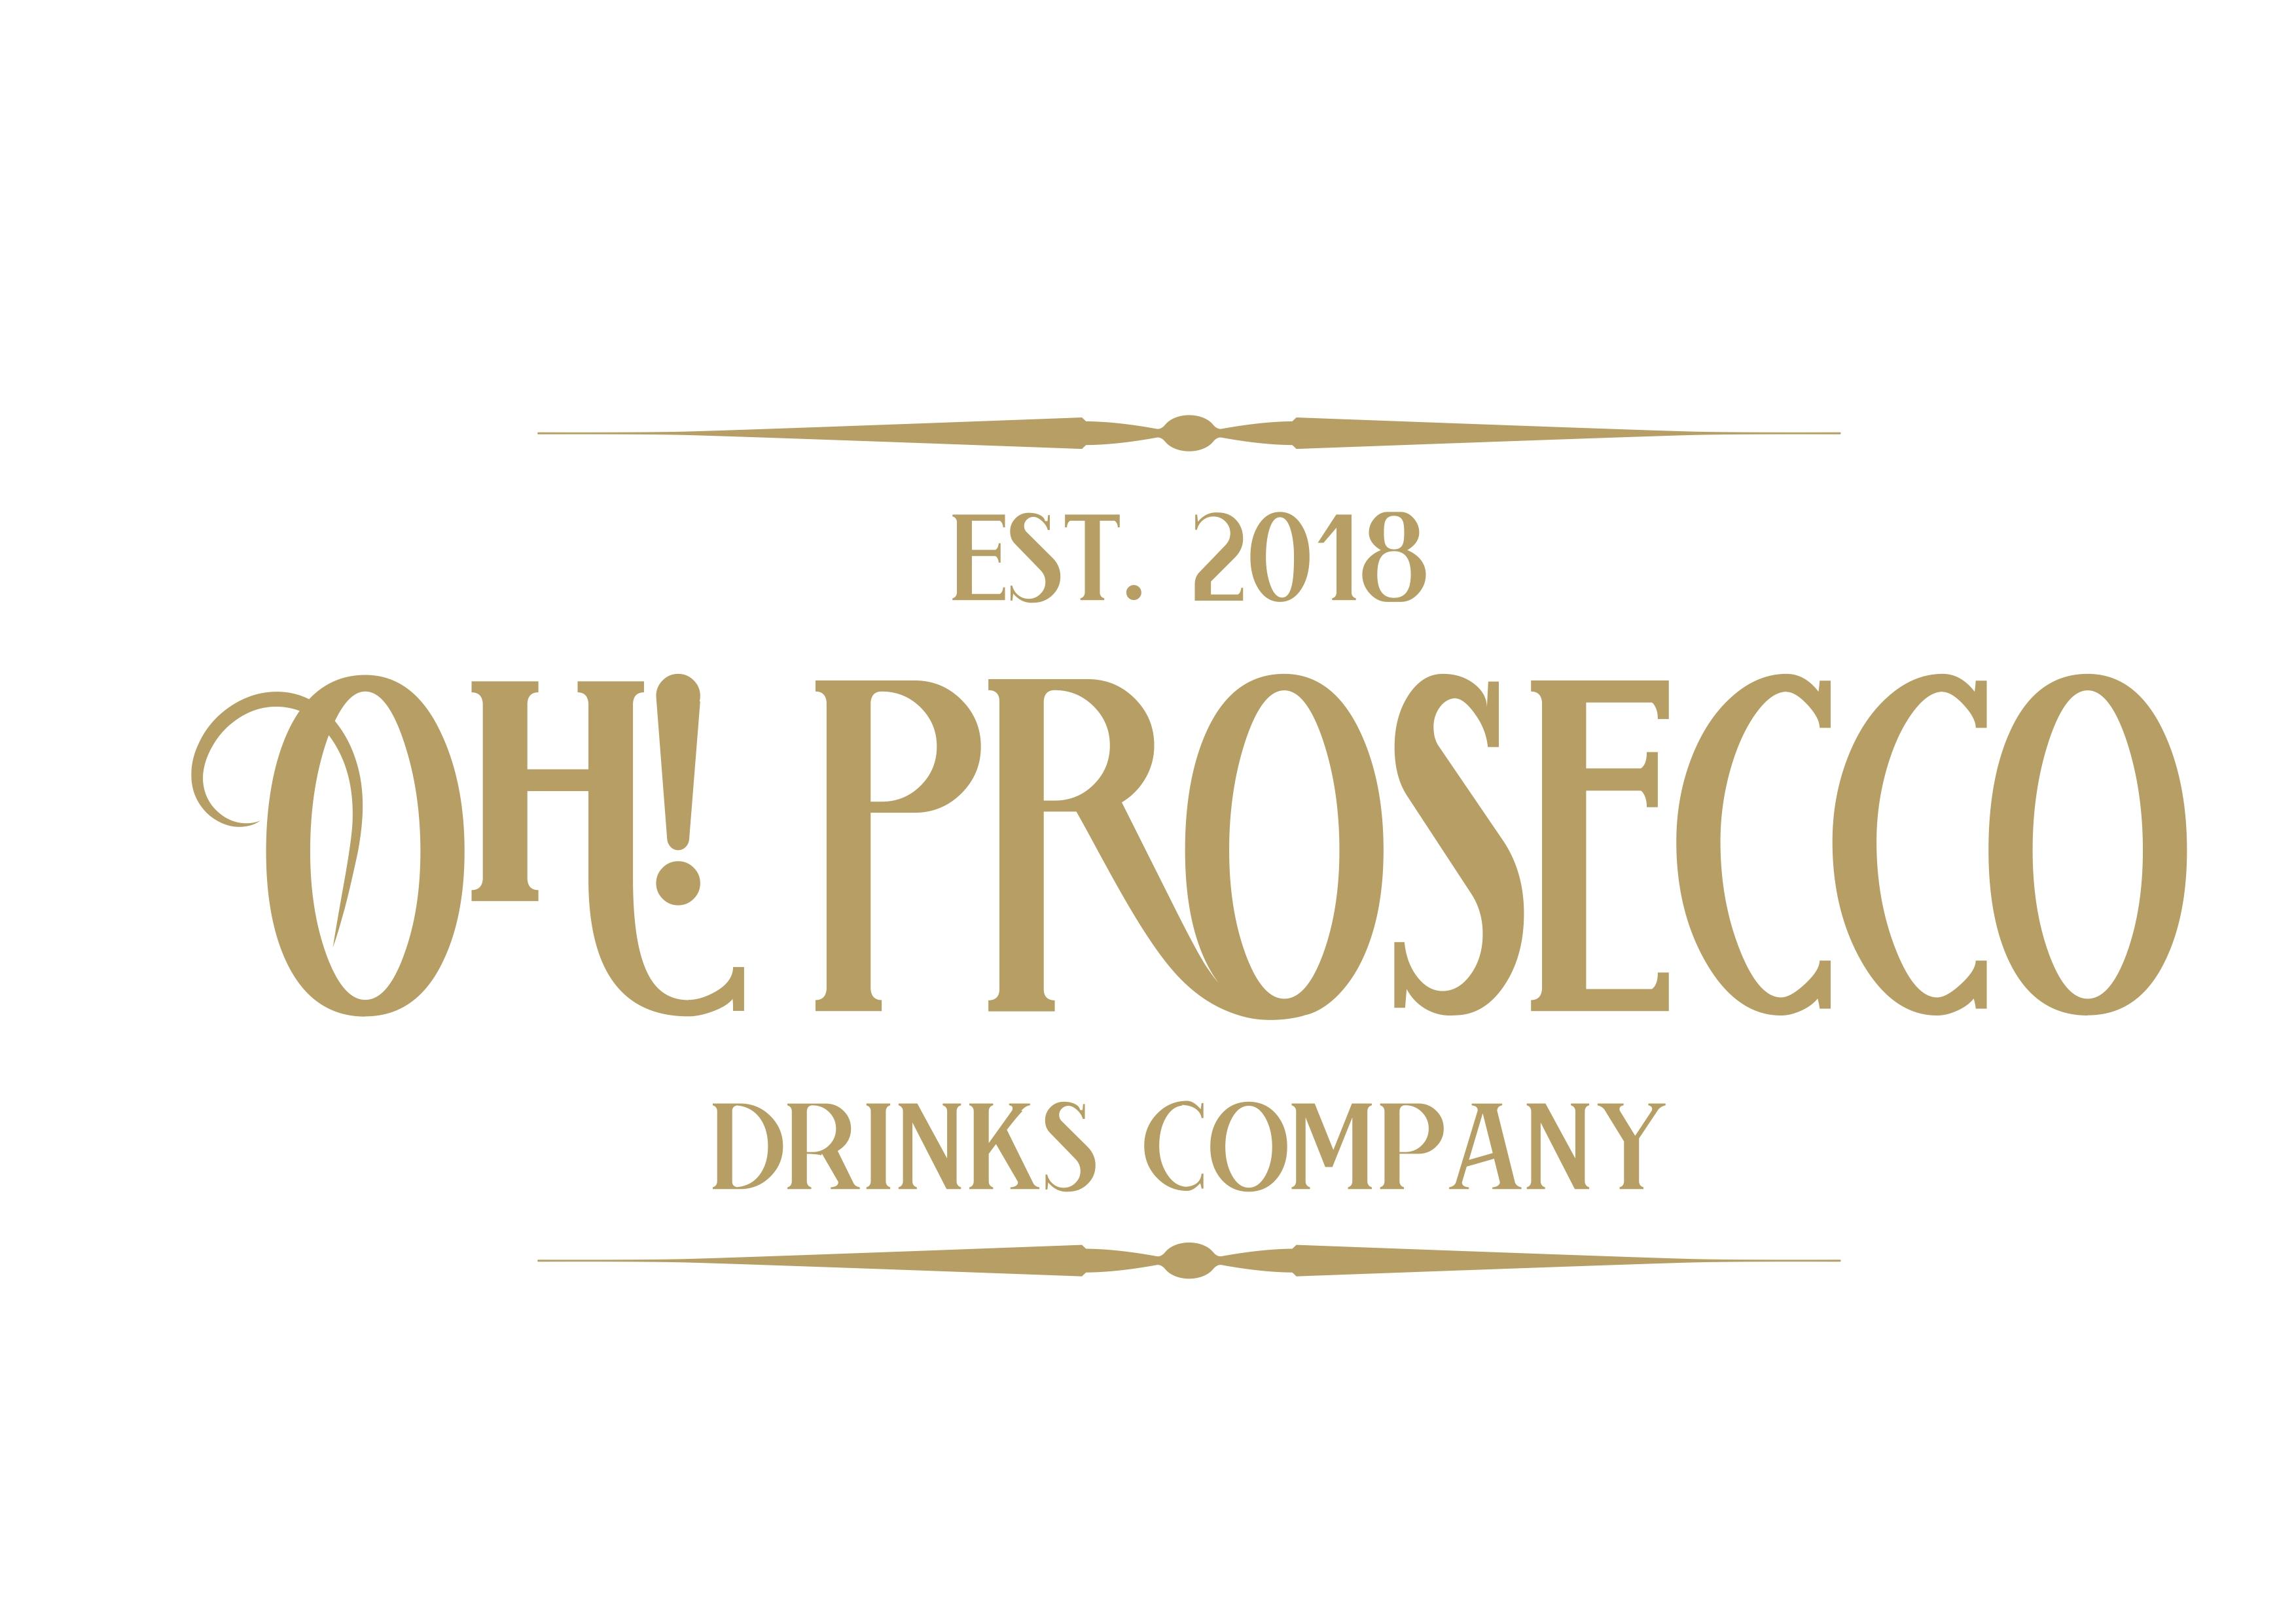 Oh! Prosecco